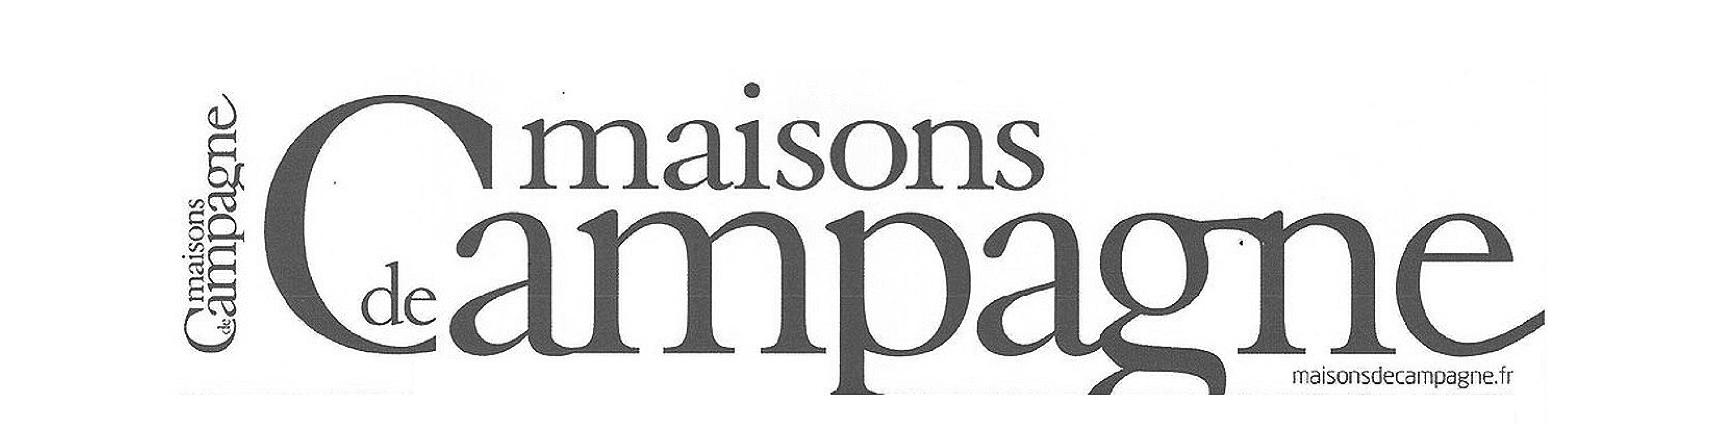 logo-maison-de-campagne-magazine.png